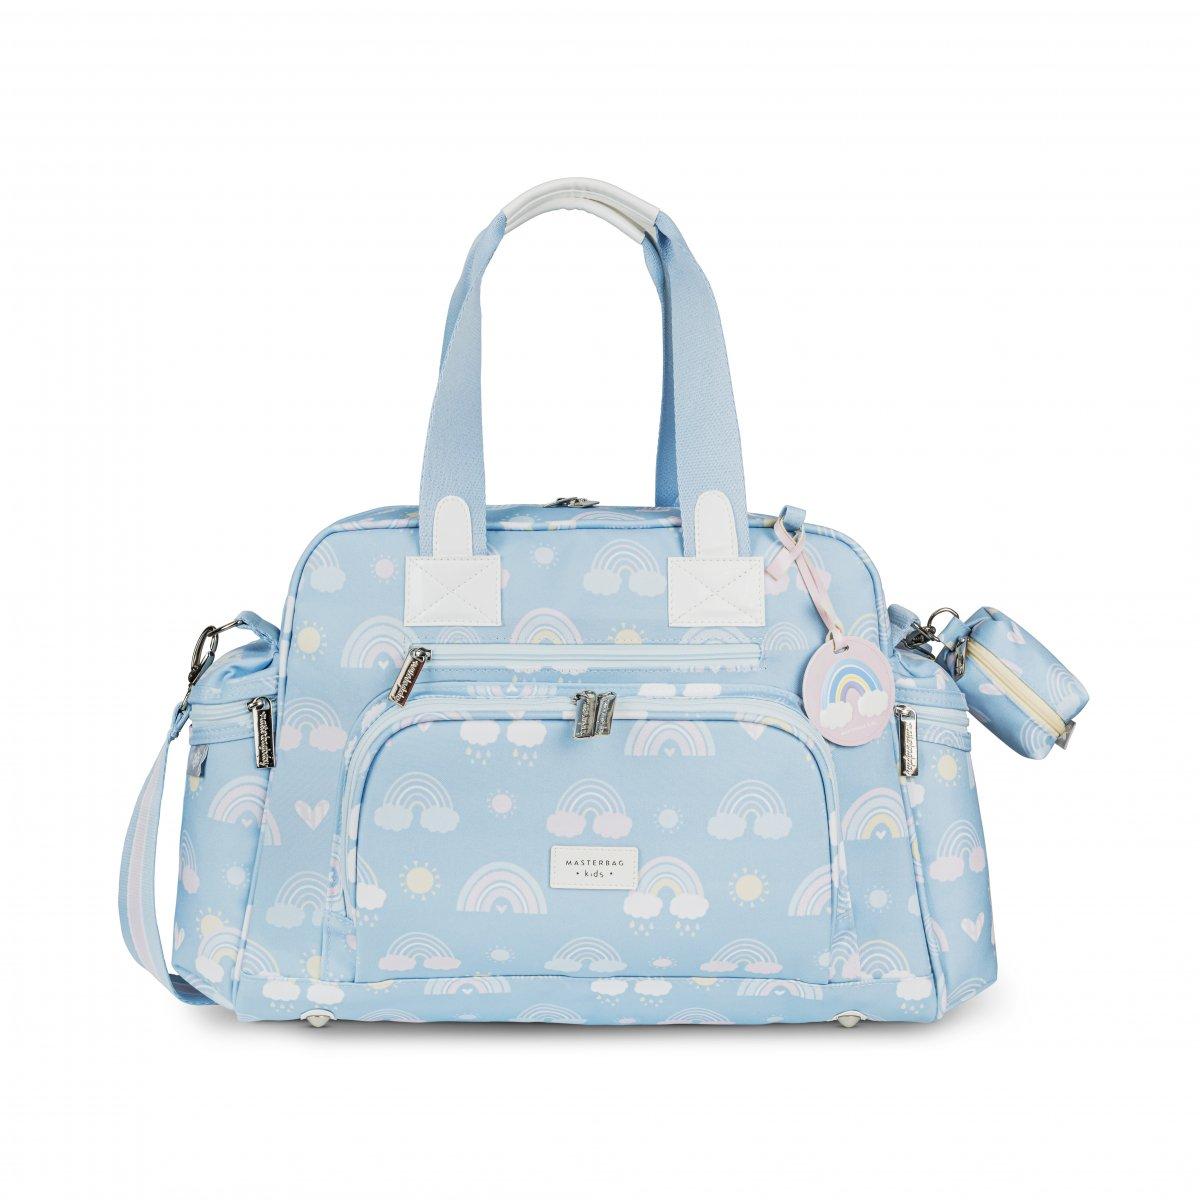 Bolsa Maternidade Everyday com Bolso Térmico Arco-íris Masterbag